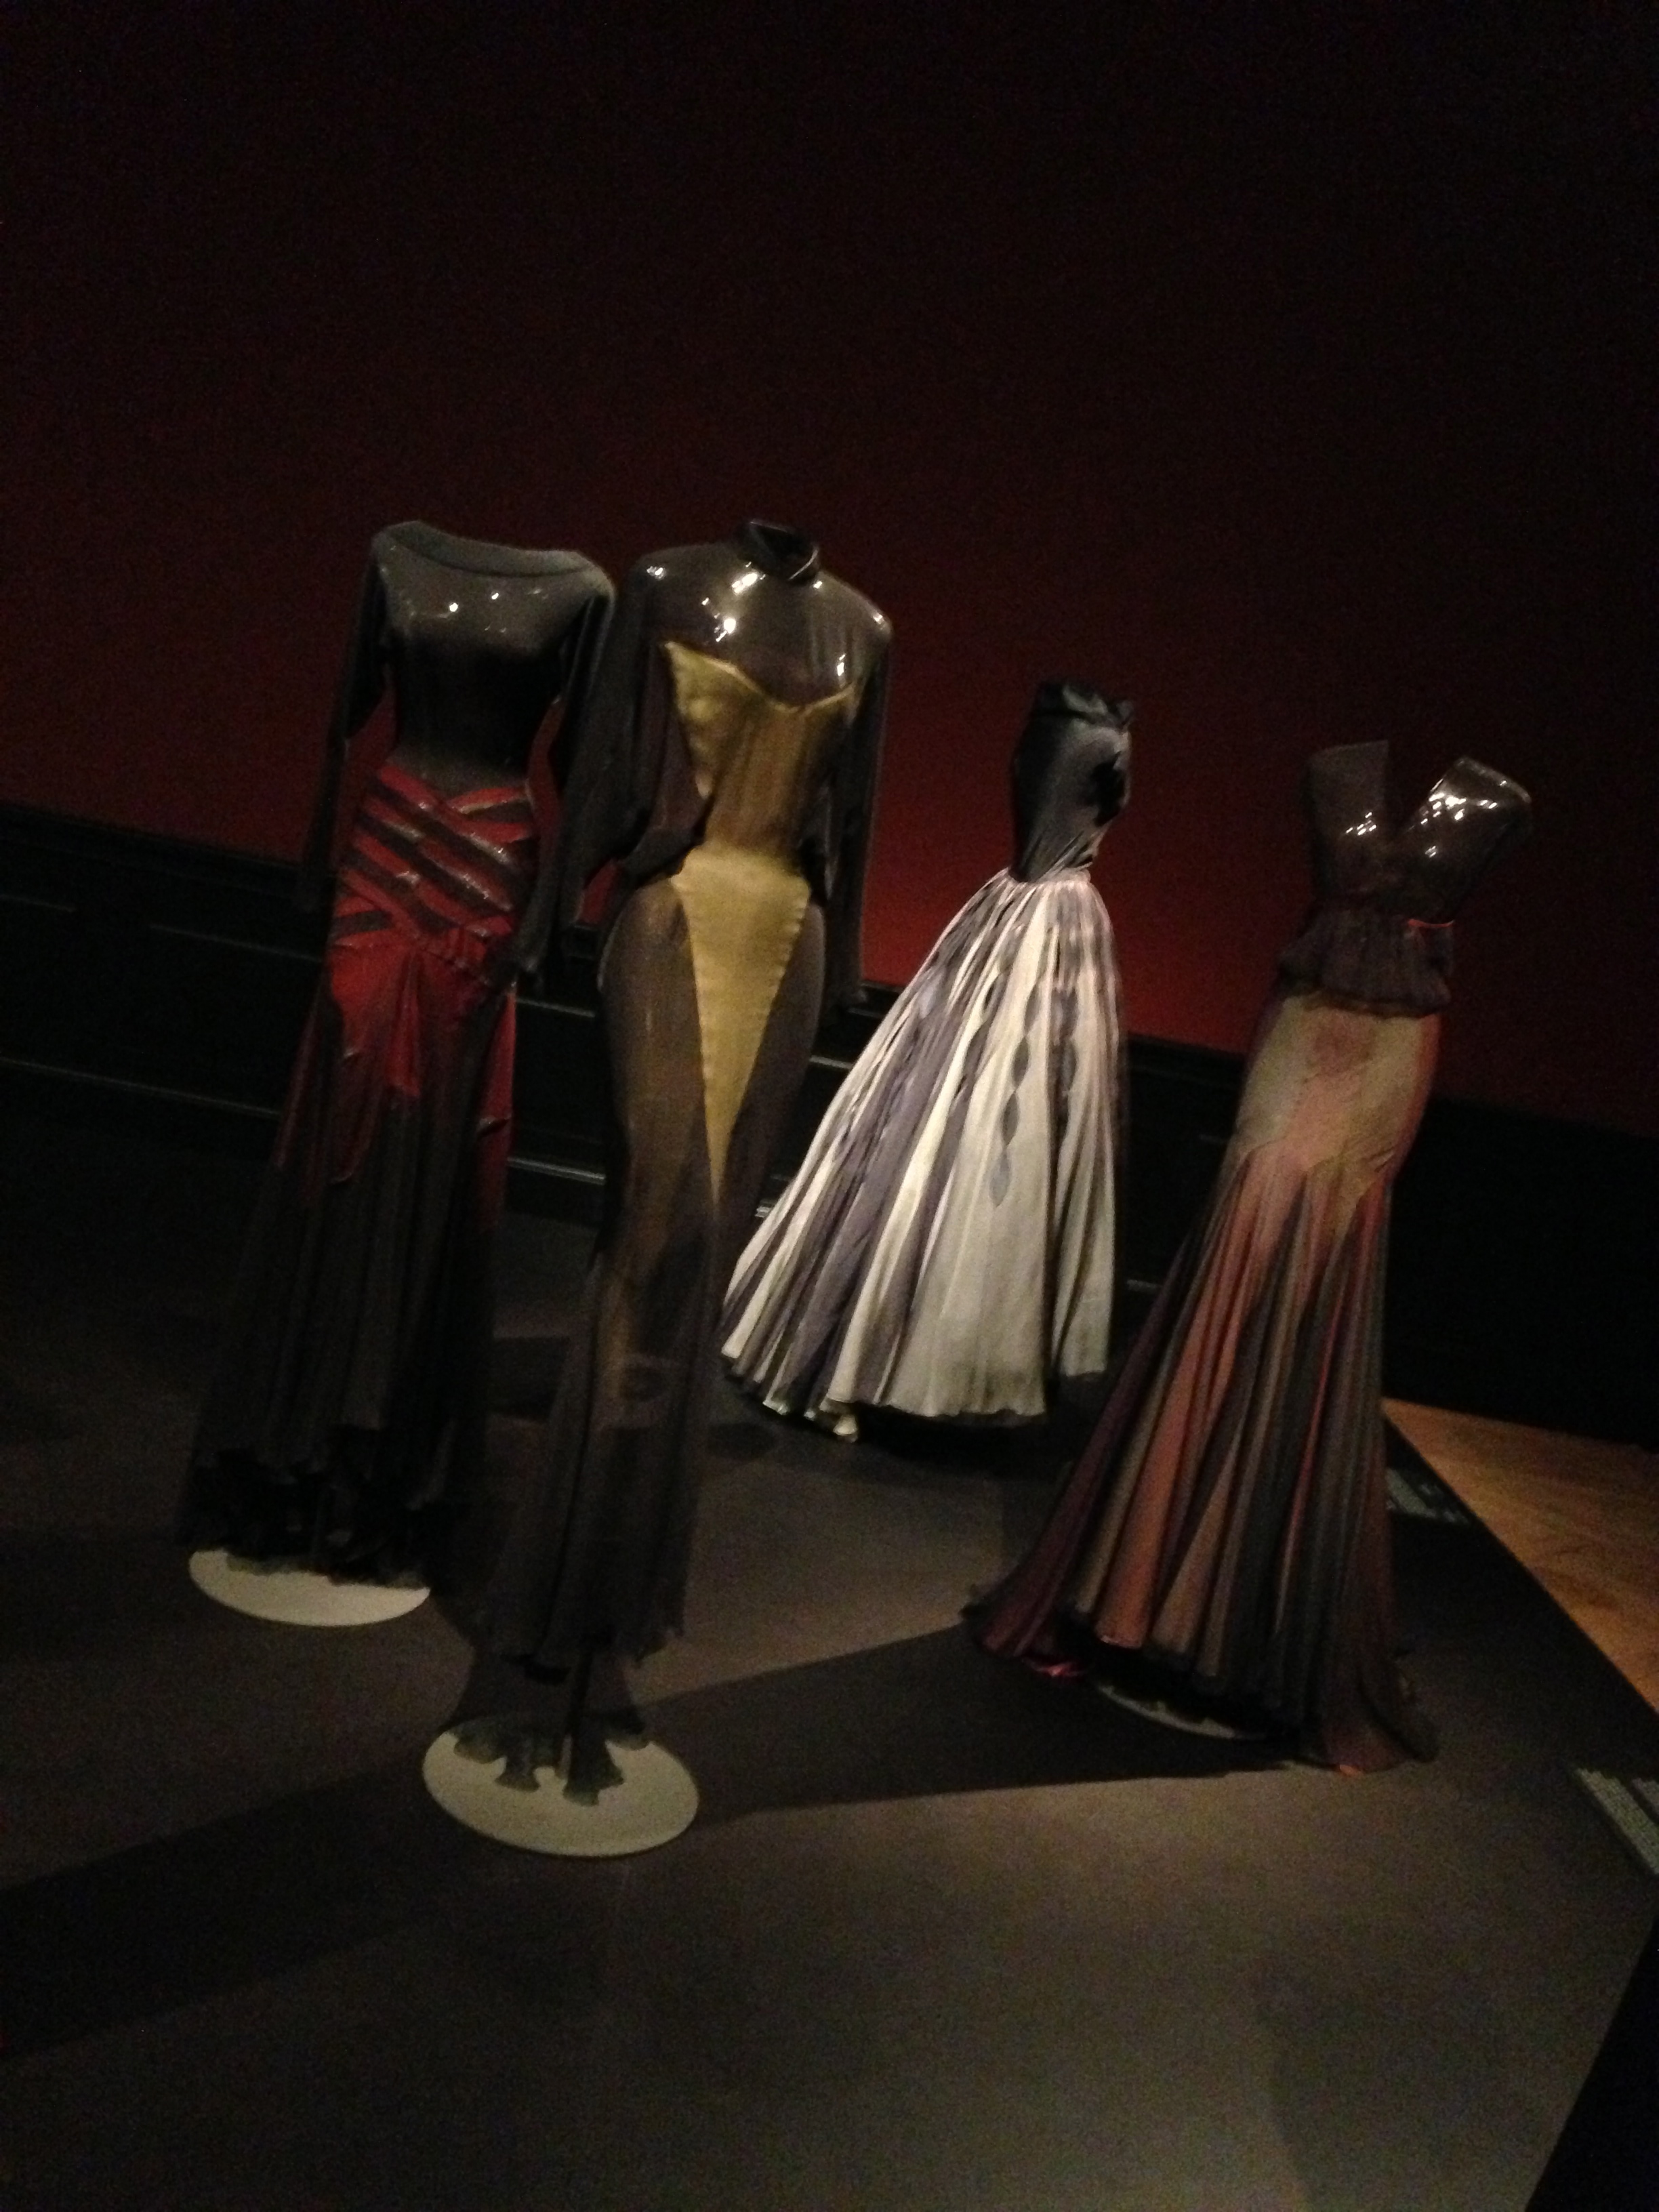 Naomi Cambell, Alaïa exhibition in Paris 2013